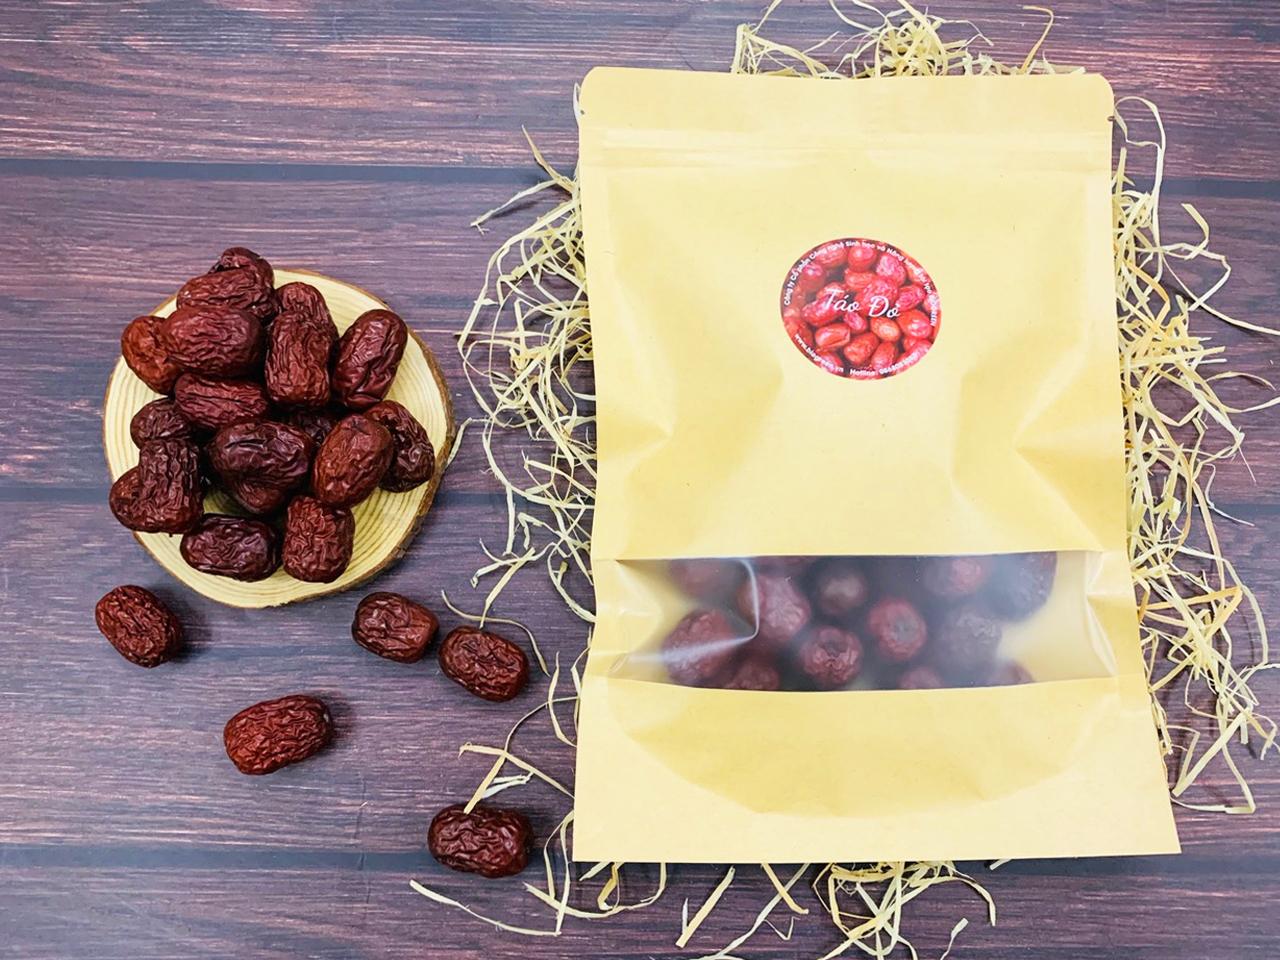 Biogreen - Đơn vị phân phối táo đỏ Tân Cương chất lượng TOP 1 thị trường